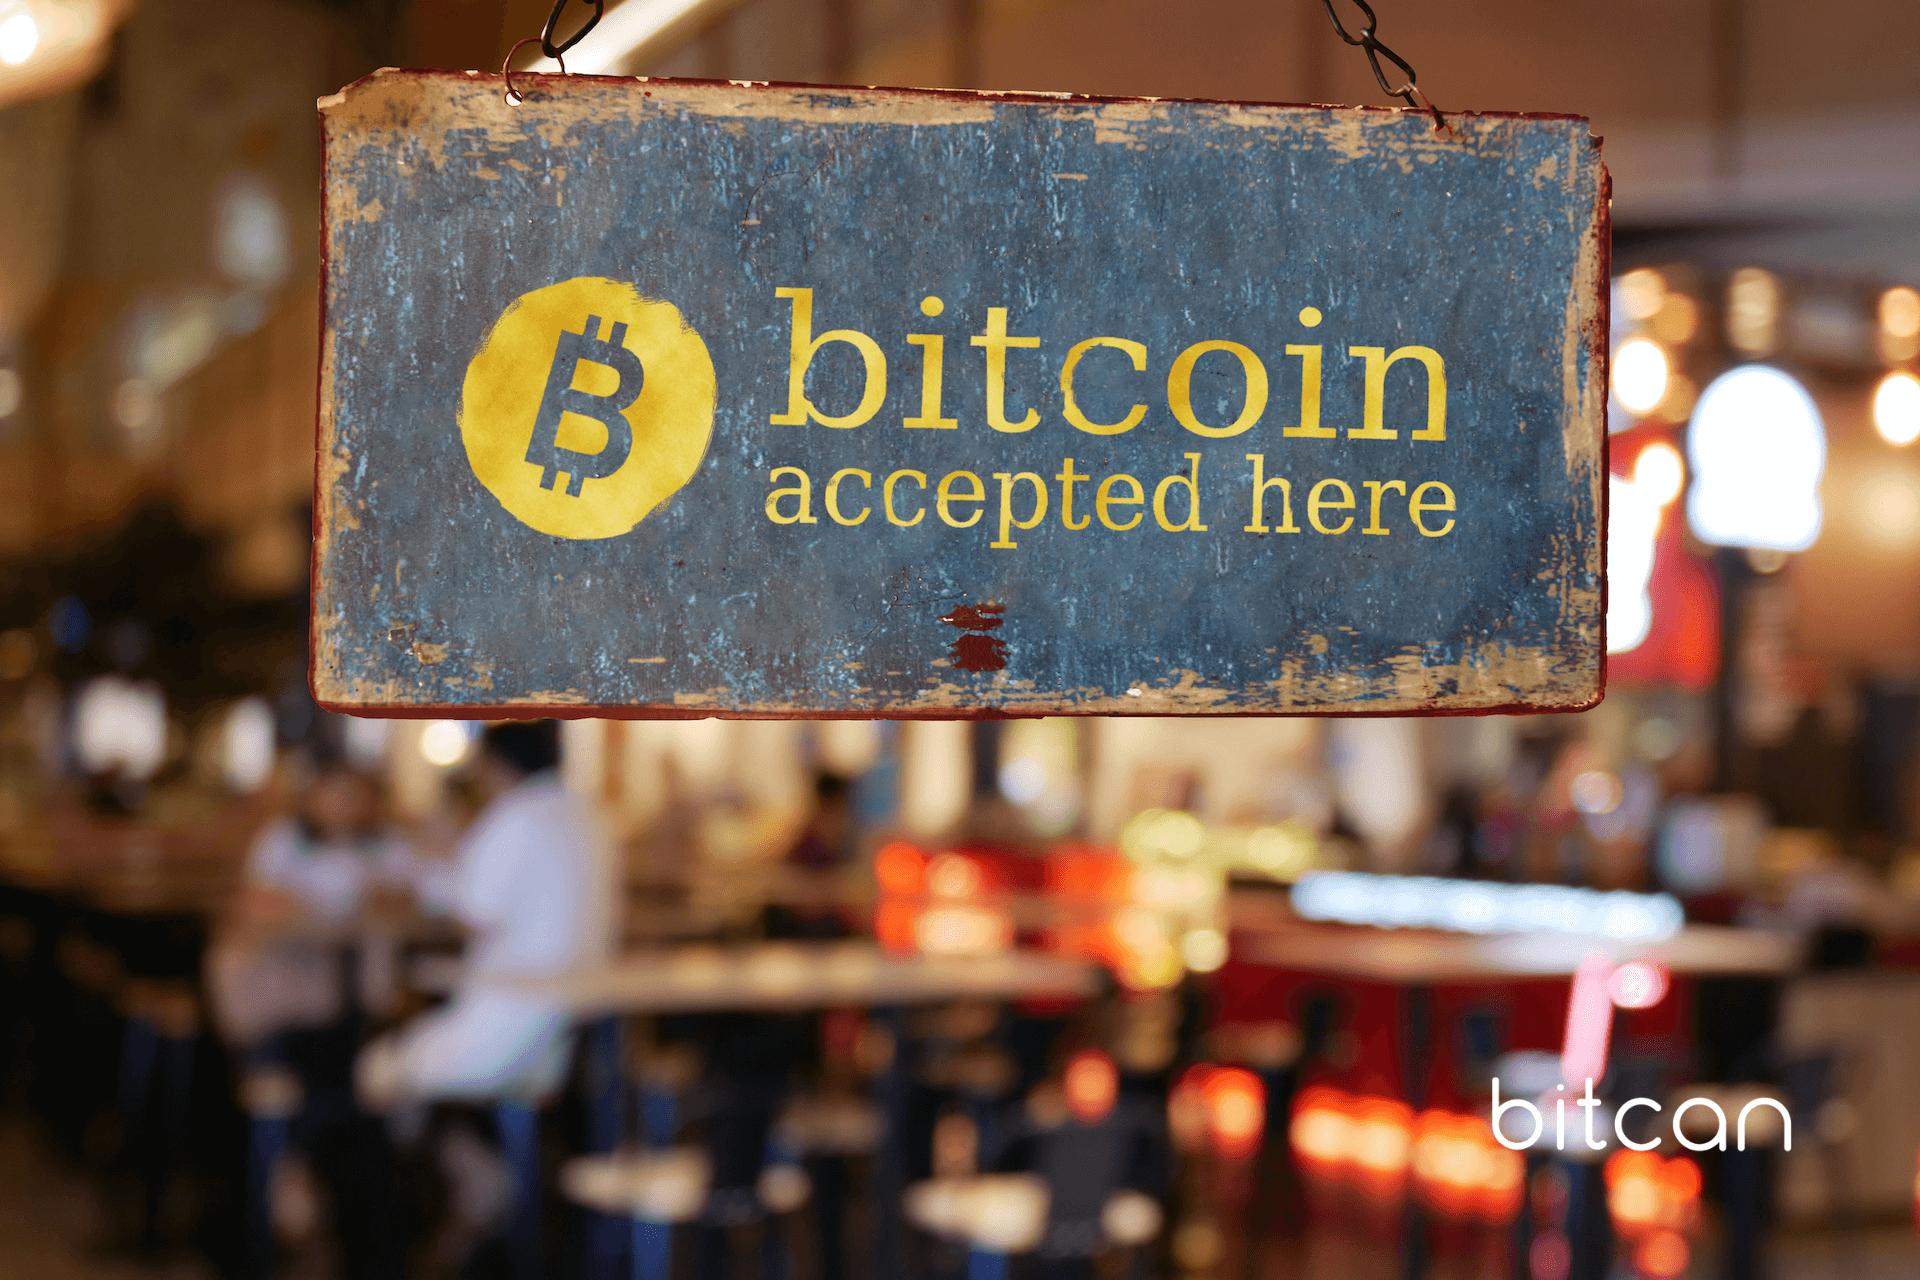 Z PayPal zapłacisz bitcoinem w 29 milionach punktów na całym świecie